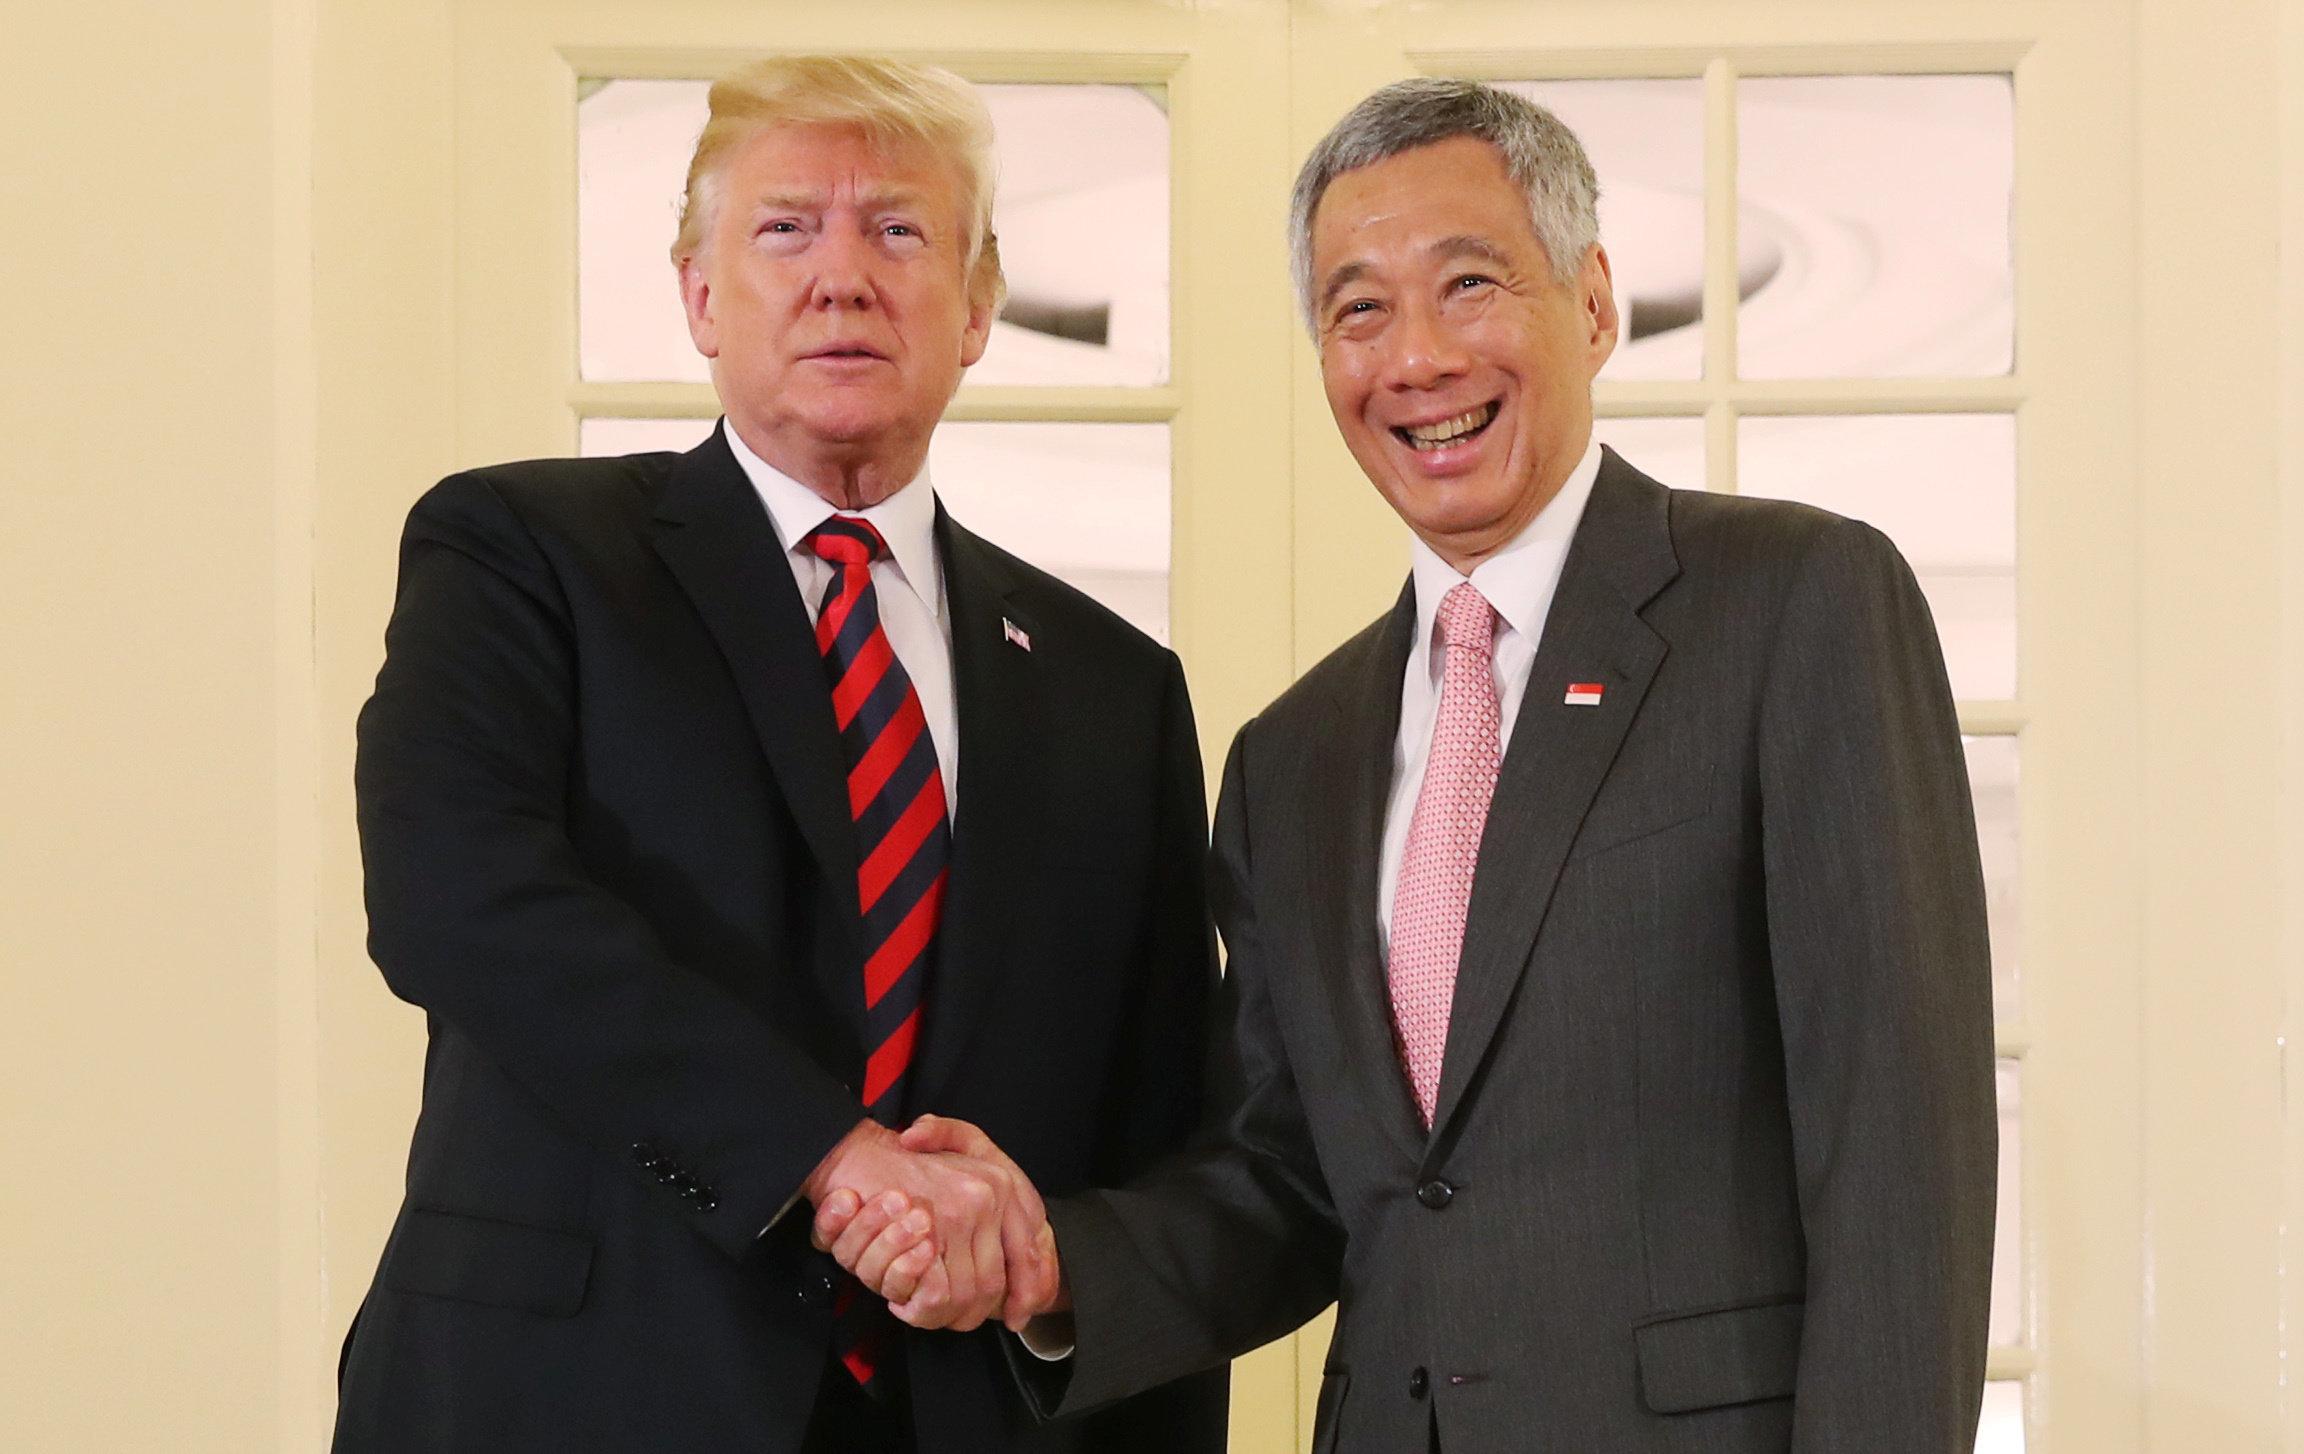 """트럼프가 북미정상회담에서 """"일이 잘 풀릴 것""""이라고 말했다"""